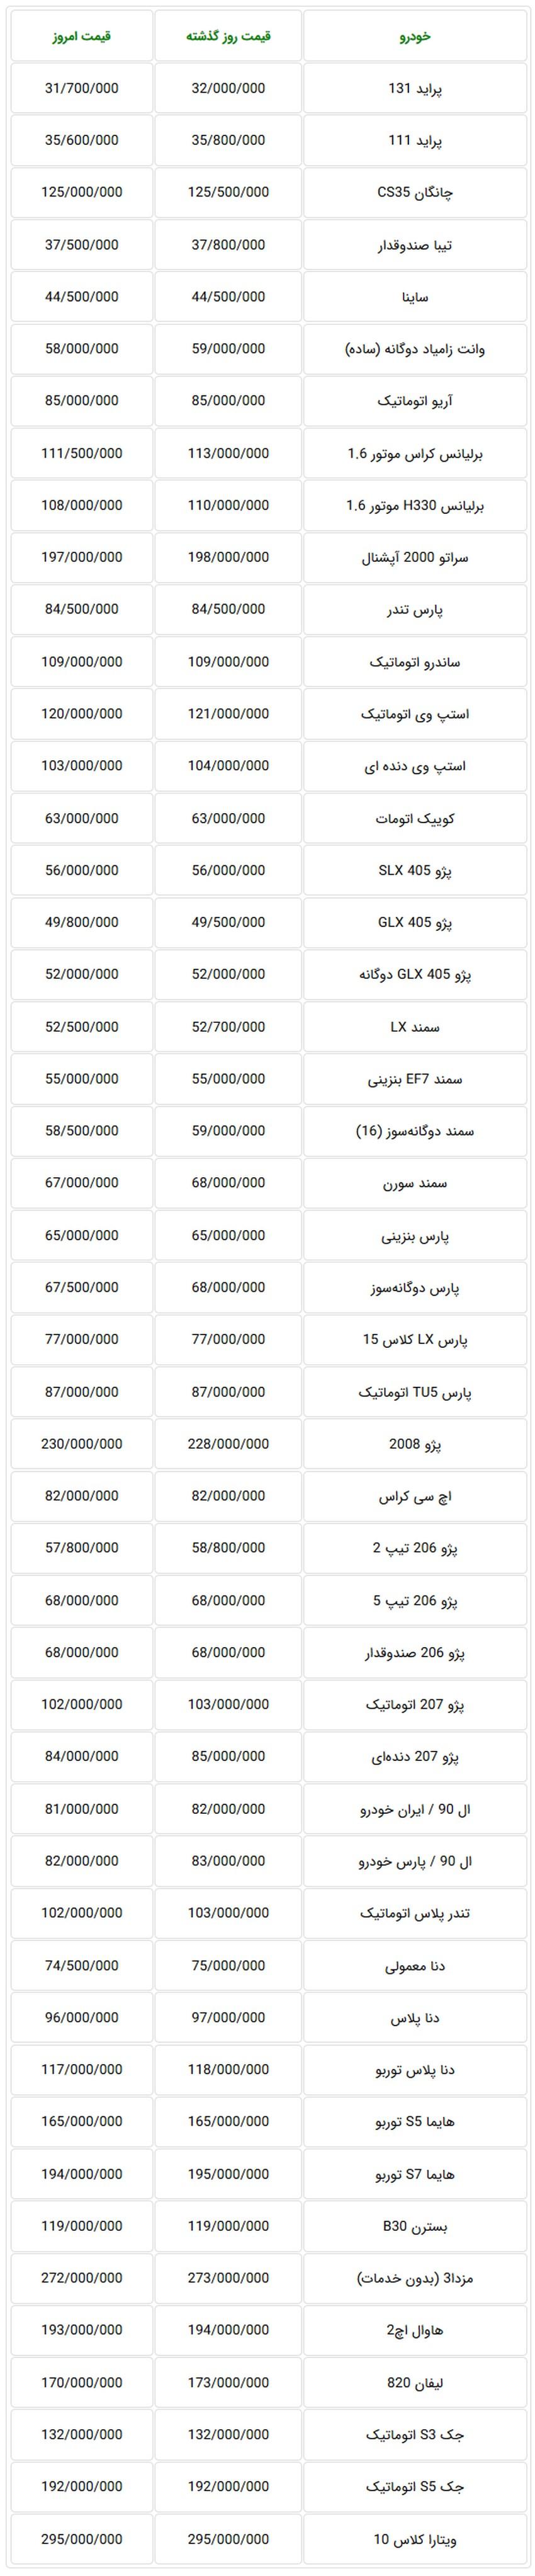 جدول قیمت جدید خودرو در بازار تهران - یکشنبه 6 آبان ماه 97